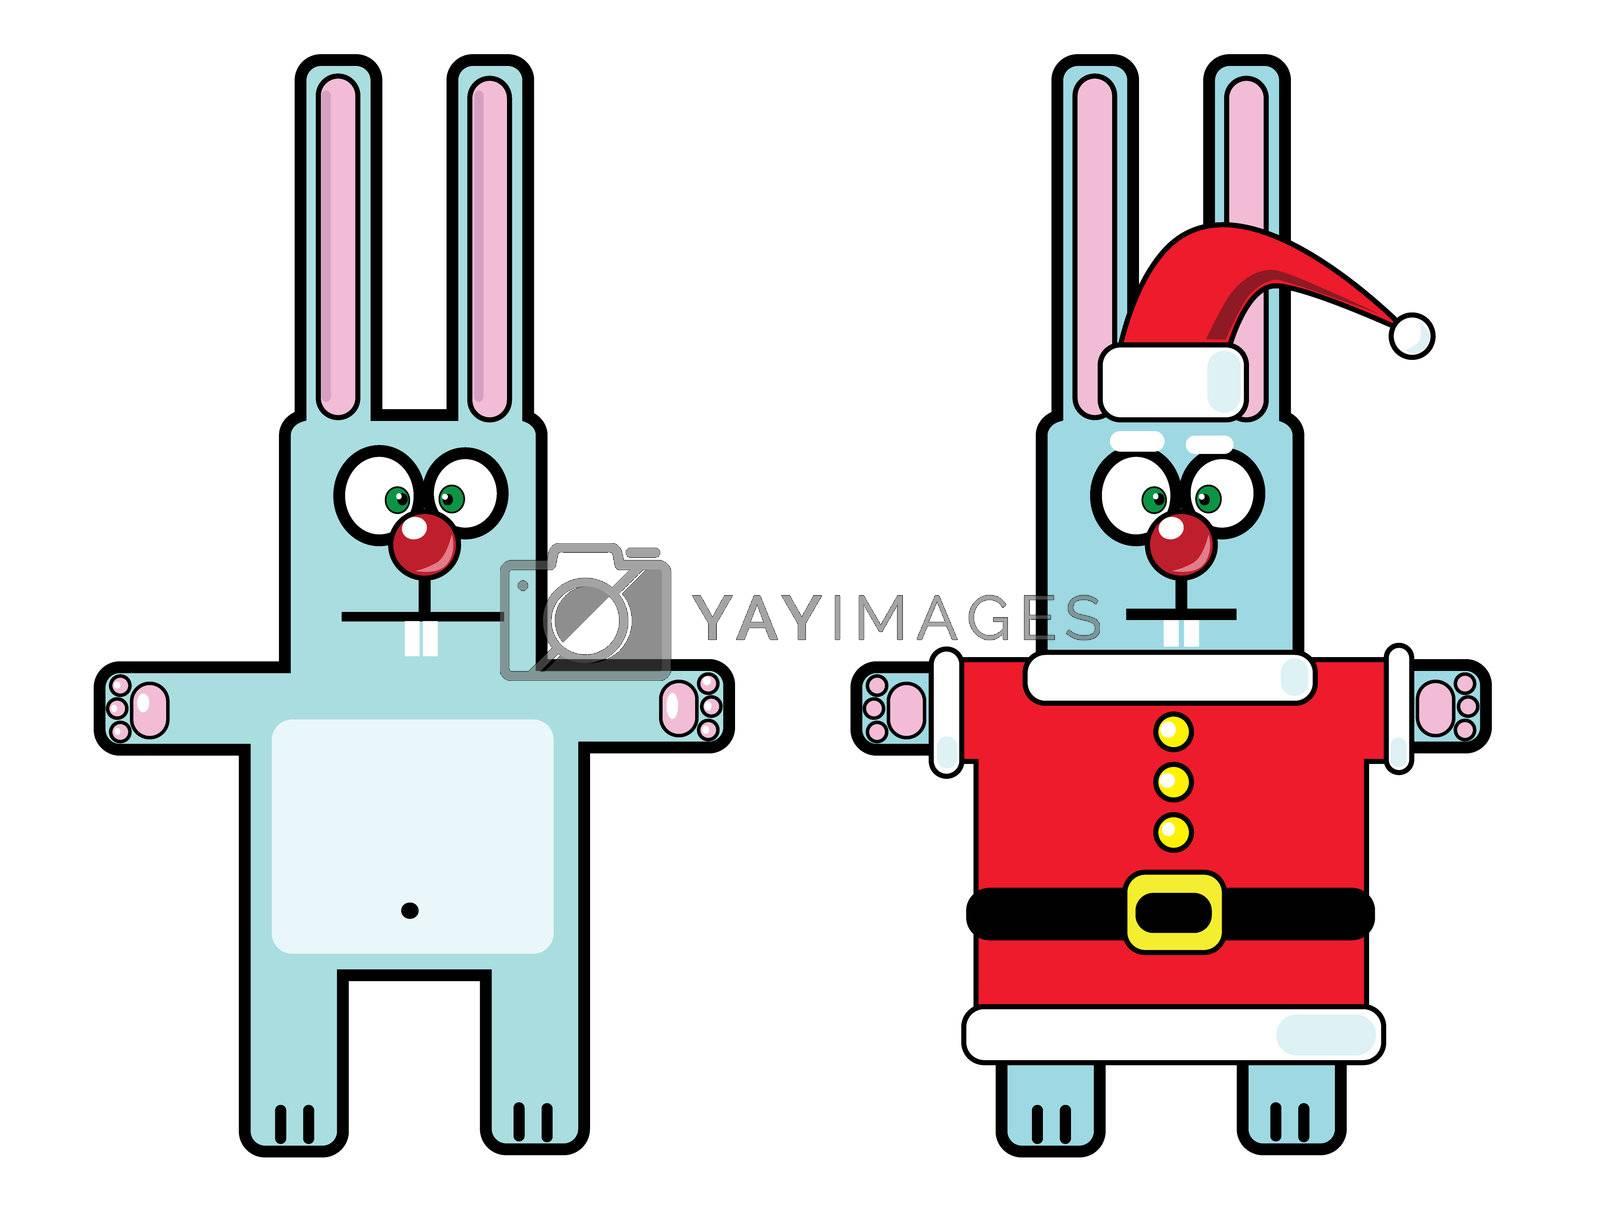 rabbit (symbol 2011) in Santa Claus costume